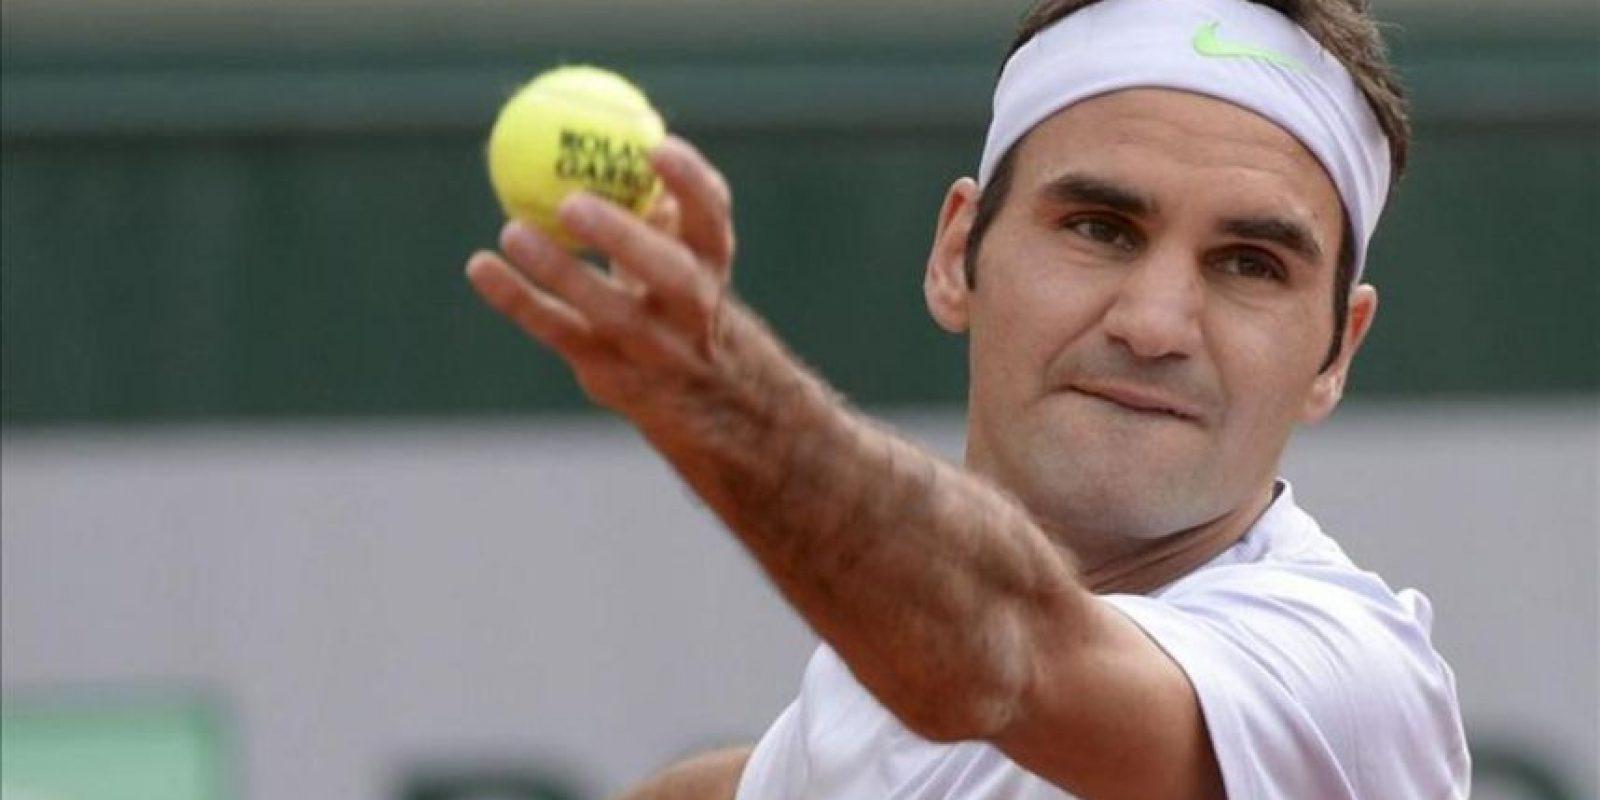 El tenista suizo Roger Federer sirve una bola al indio Somdev Devvarman, durante el partido de segunda ronda del torneo de Roland Garros. EFE